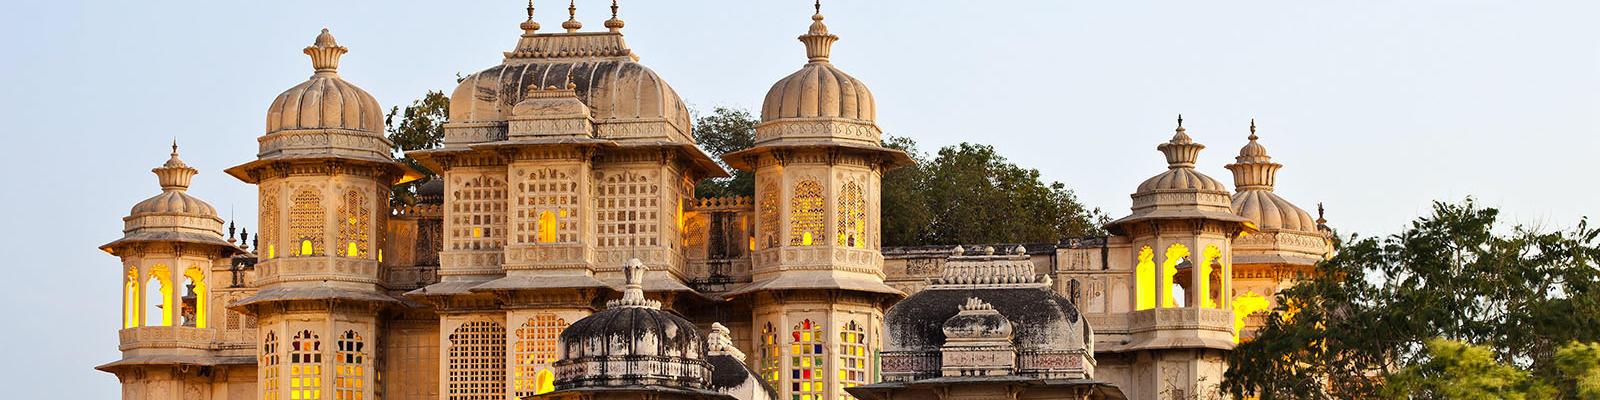 udaipur palace india